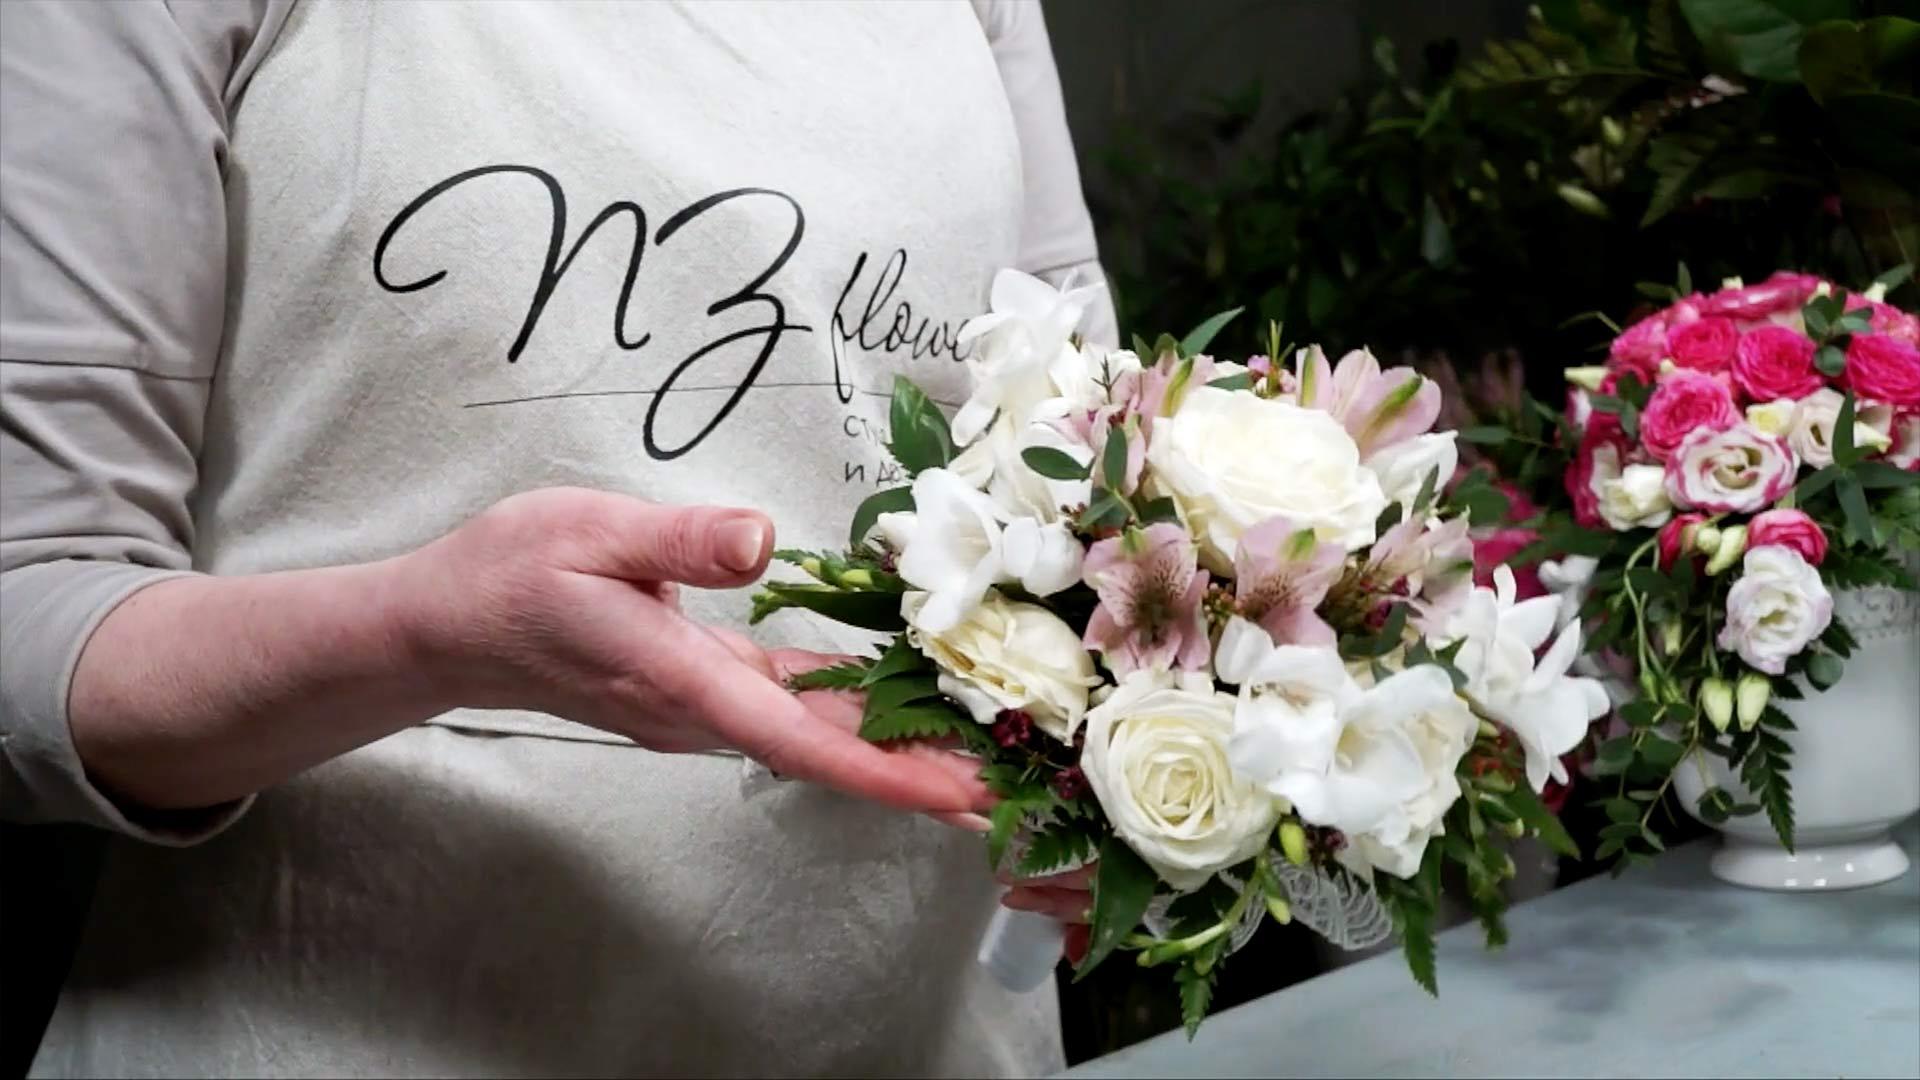 Видео мастер-класс «Как заказать цветы нафлористической базе»